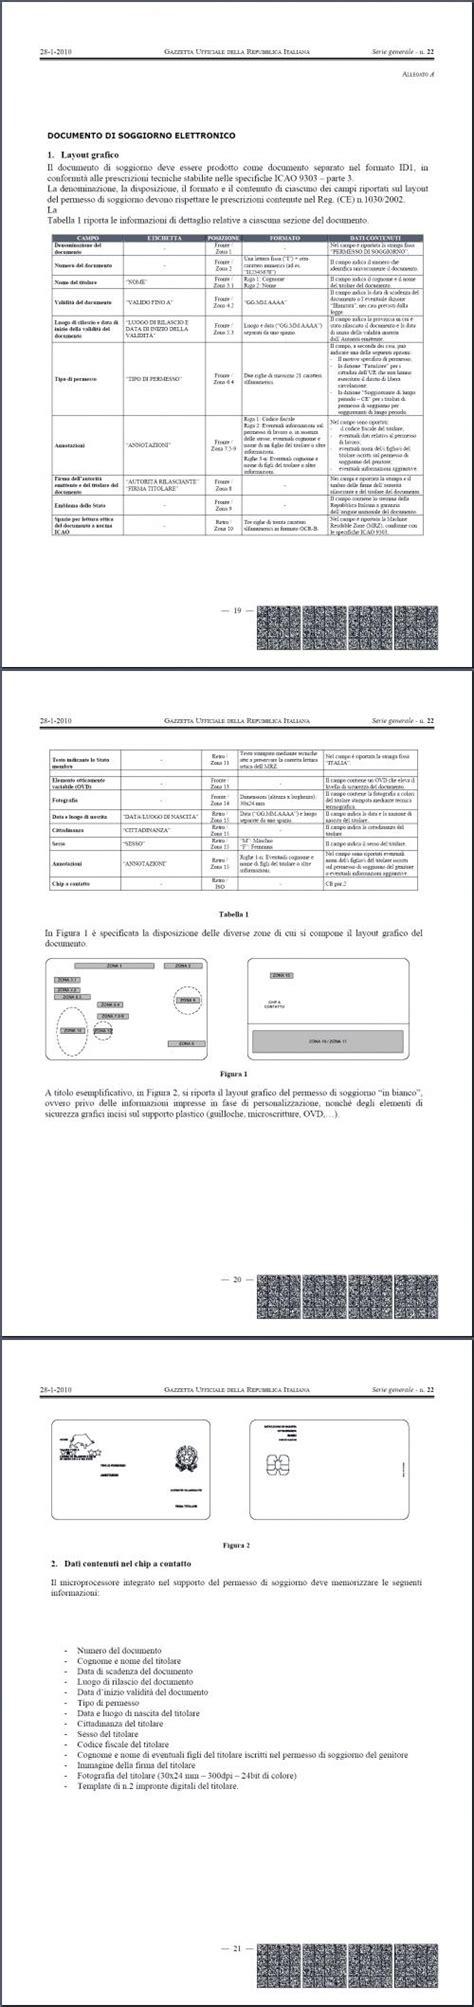 ministero interno carta di soggiorno permesso e carta di soggiorno in una card elettronica